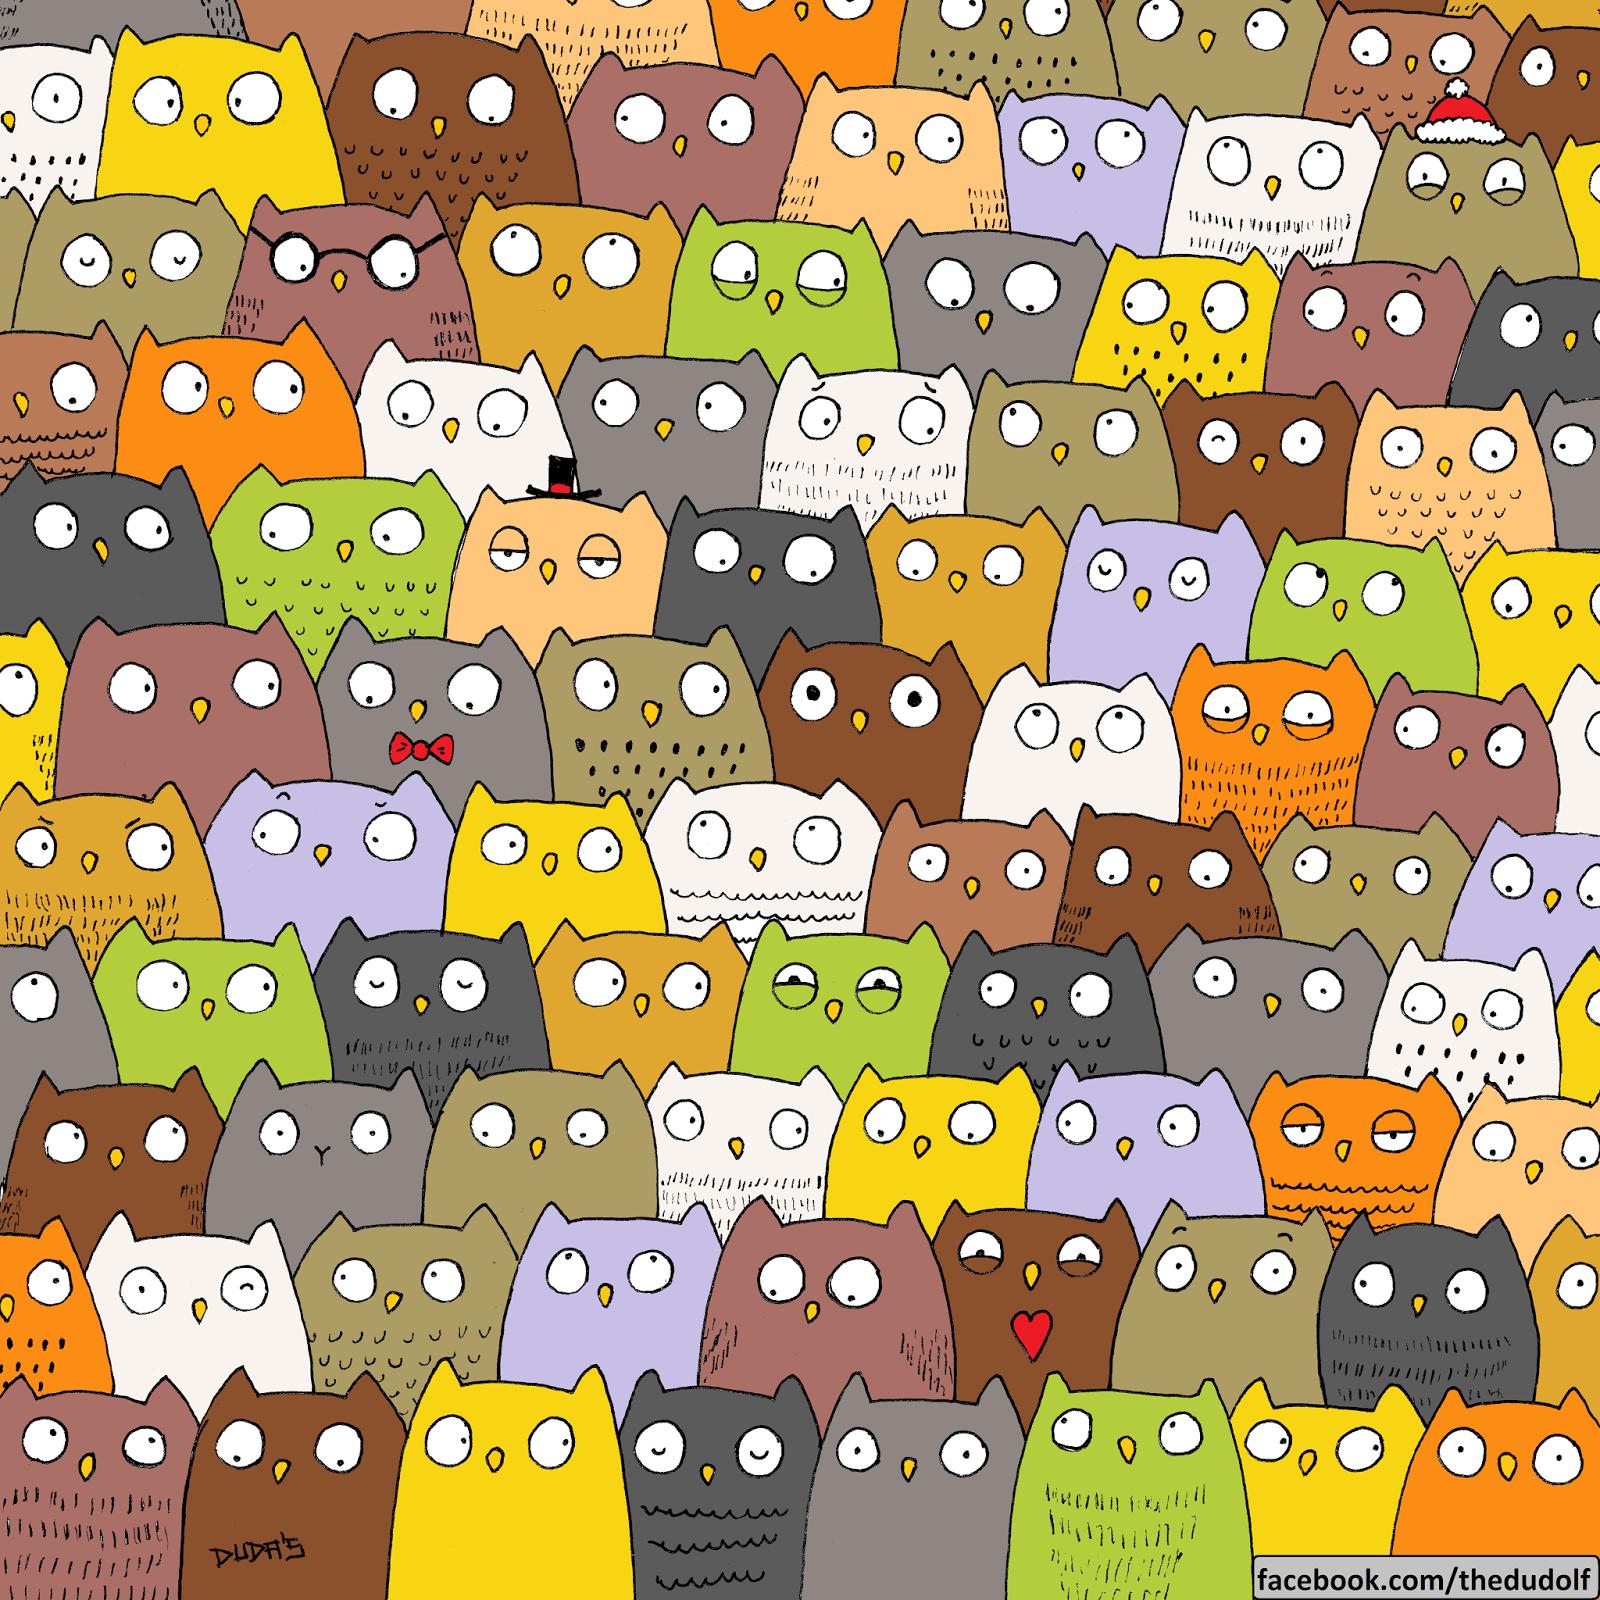 Tìm chú mèo trong bức ảnh này